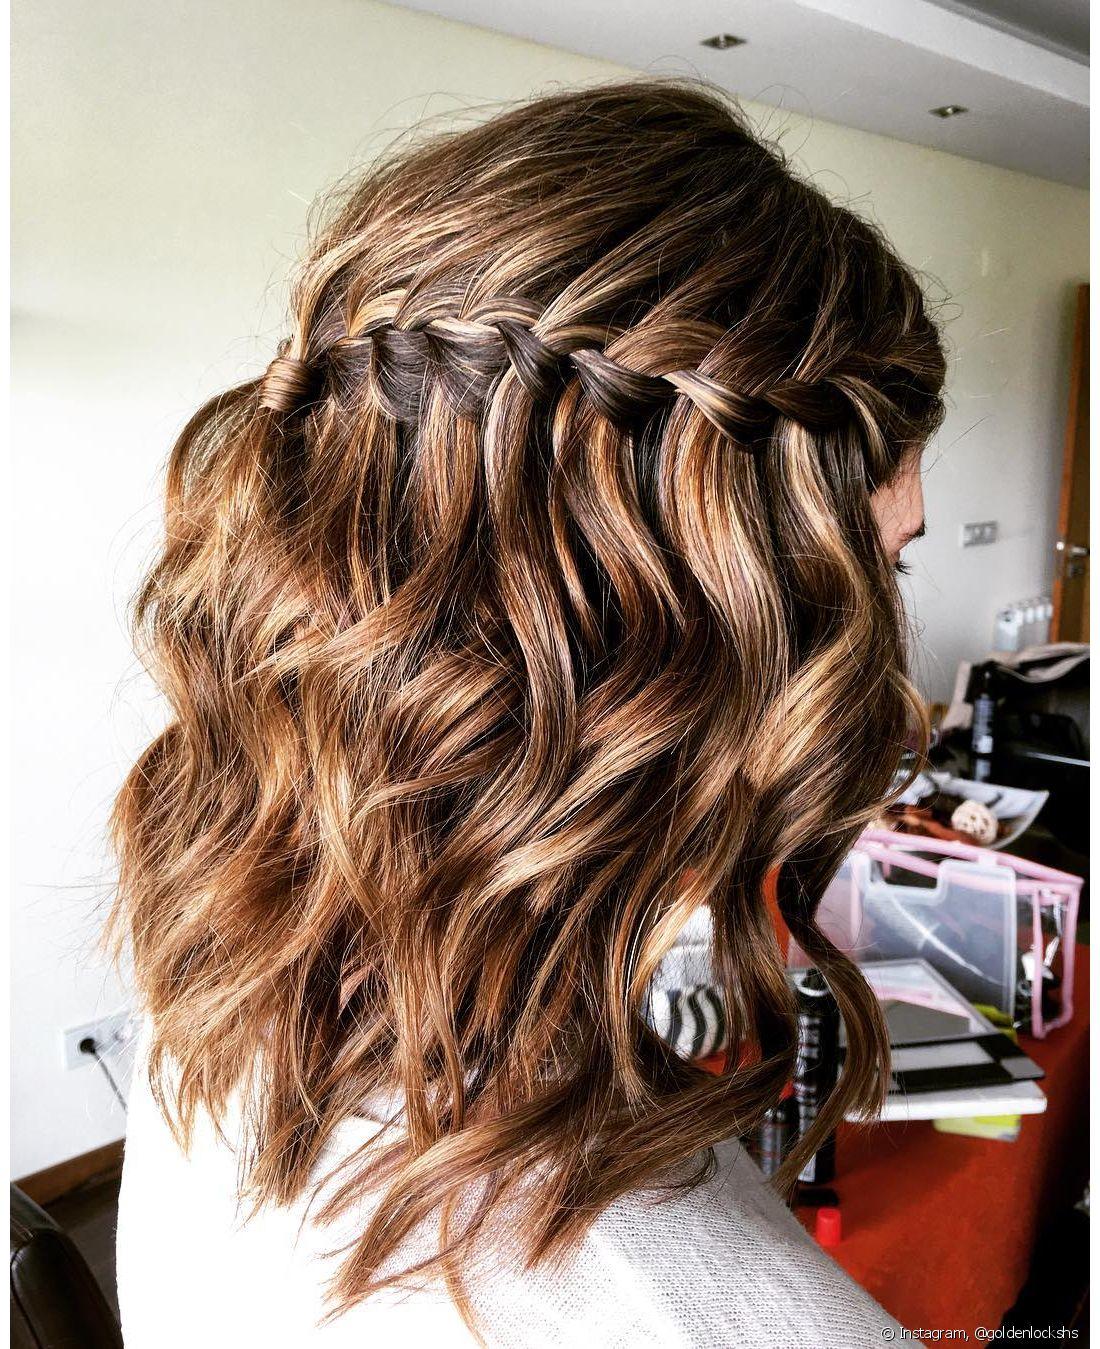 Os penteados feitos nos fios soltos são uma boa pedida para o dia a dia